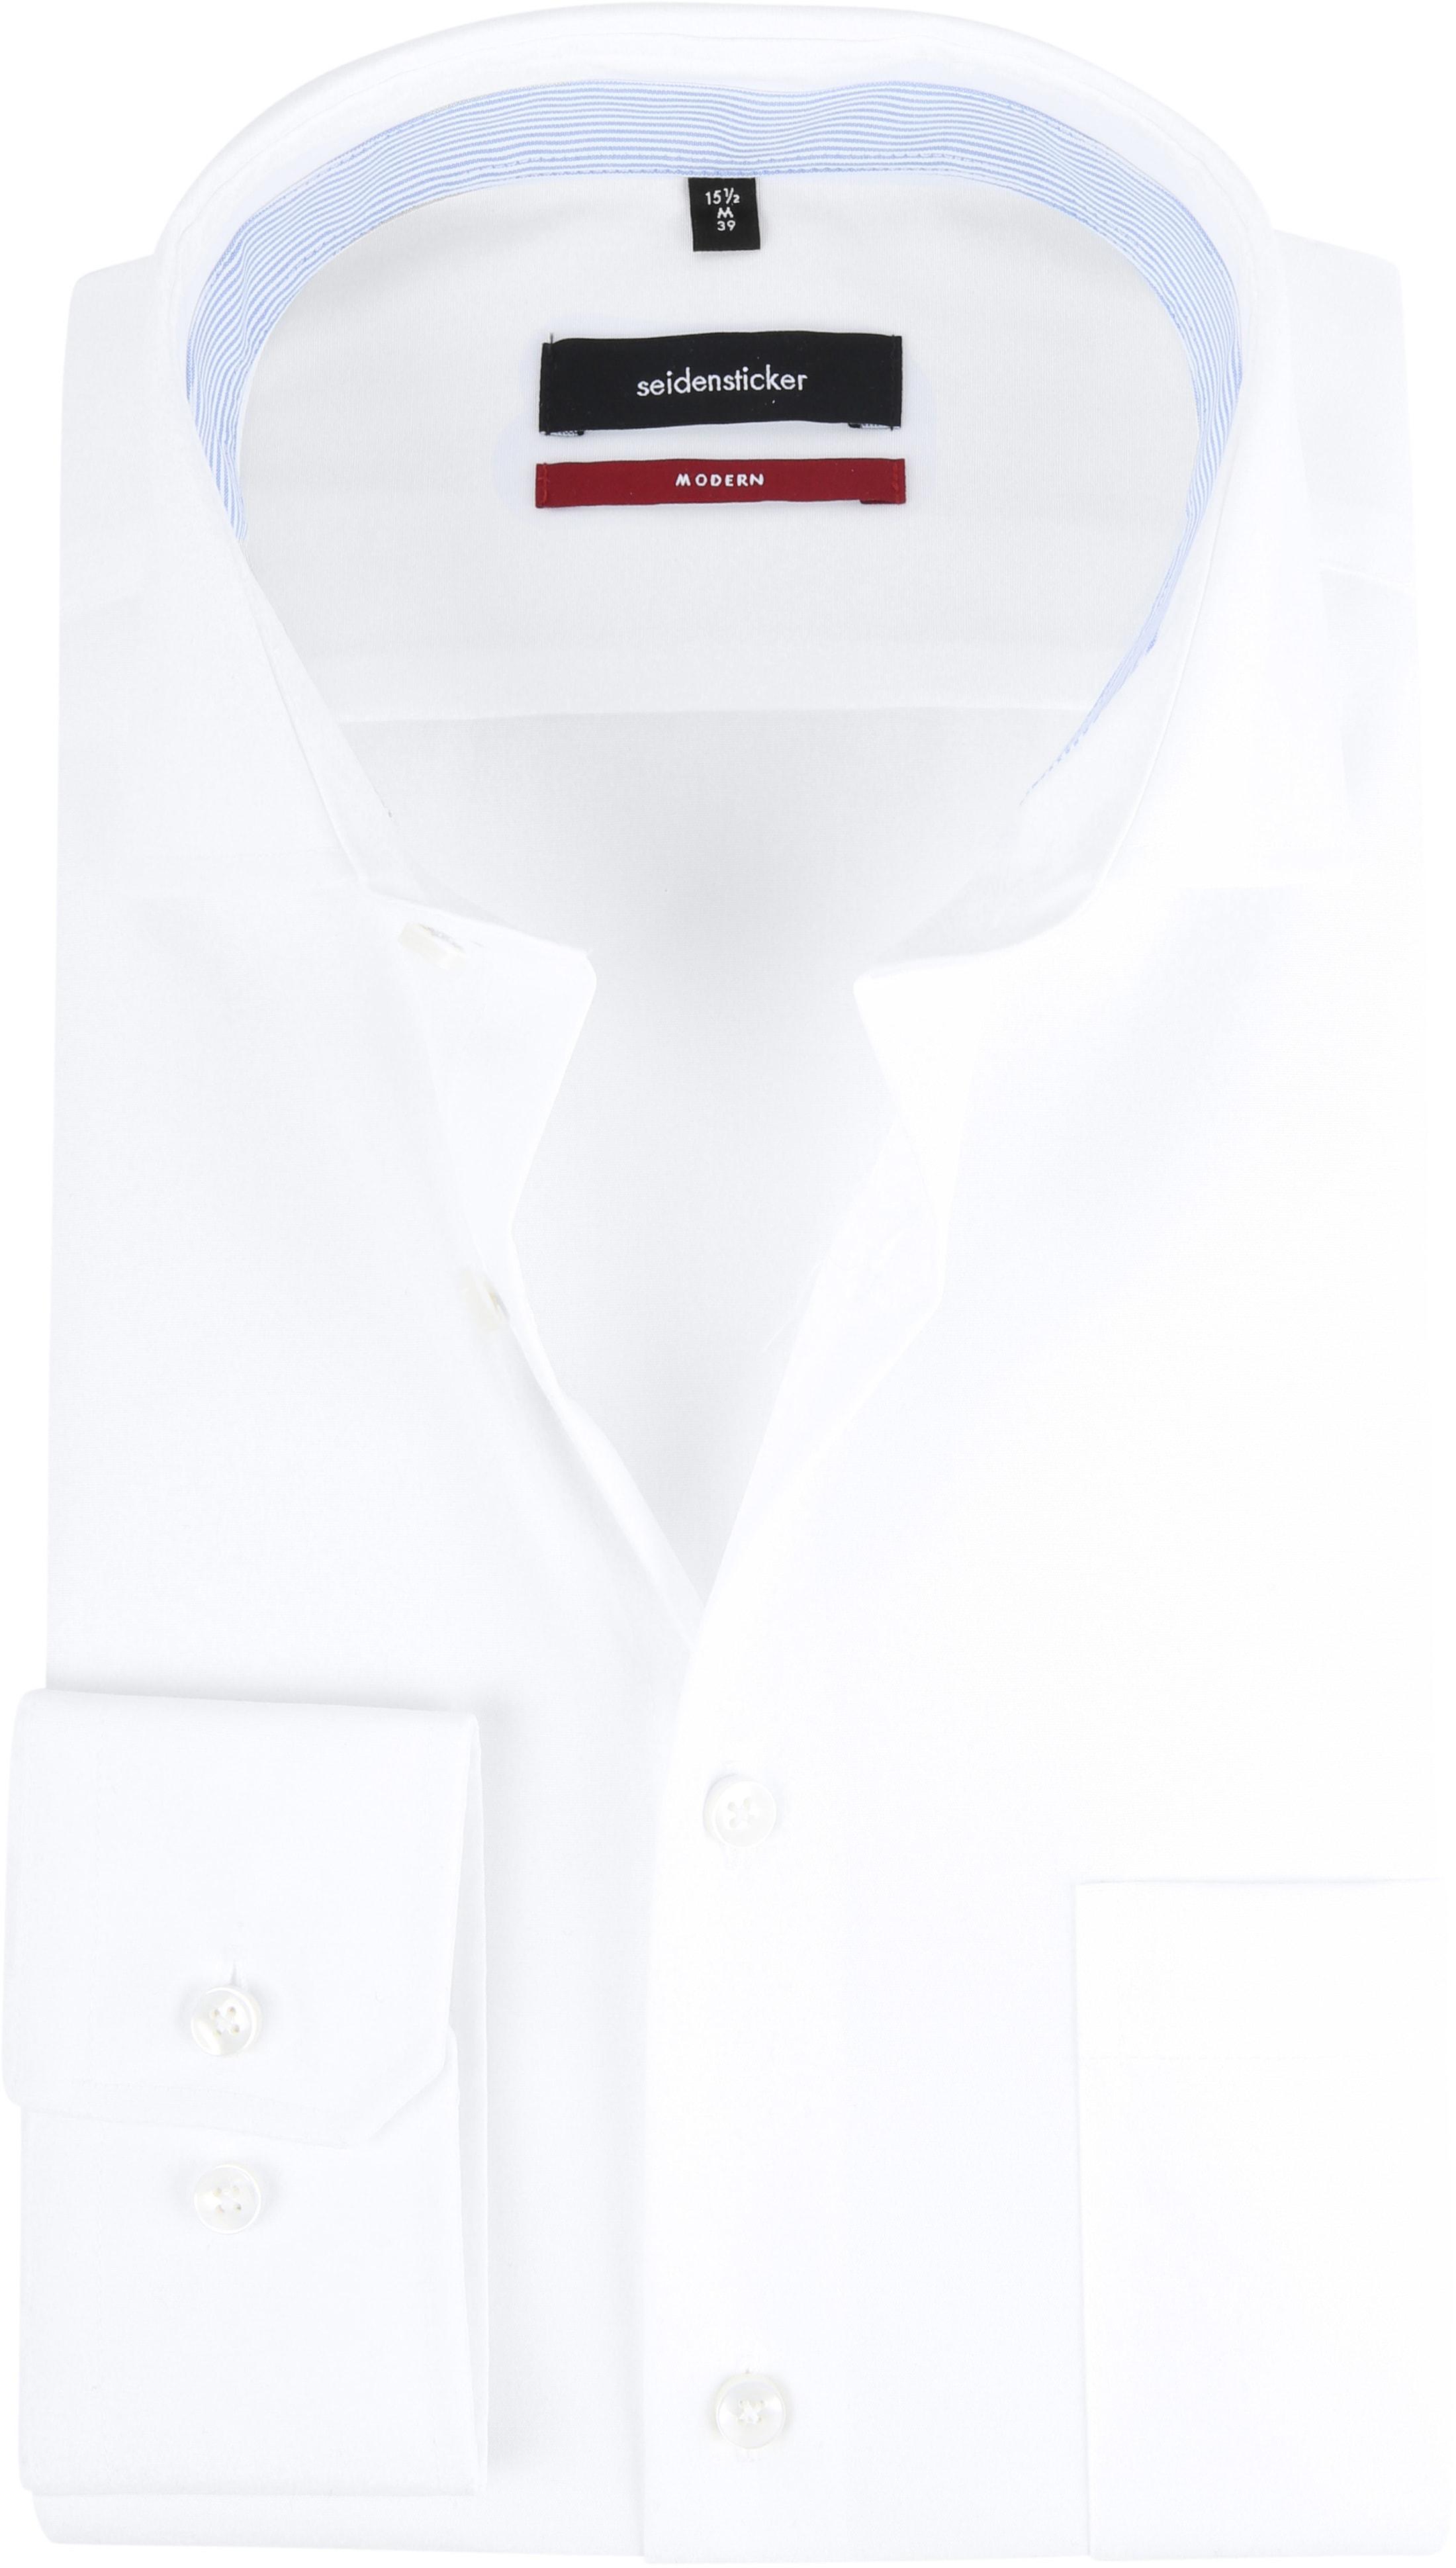 Seidensticker Shirt White MF foto 0